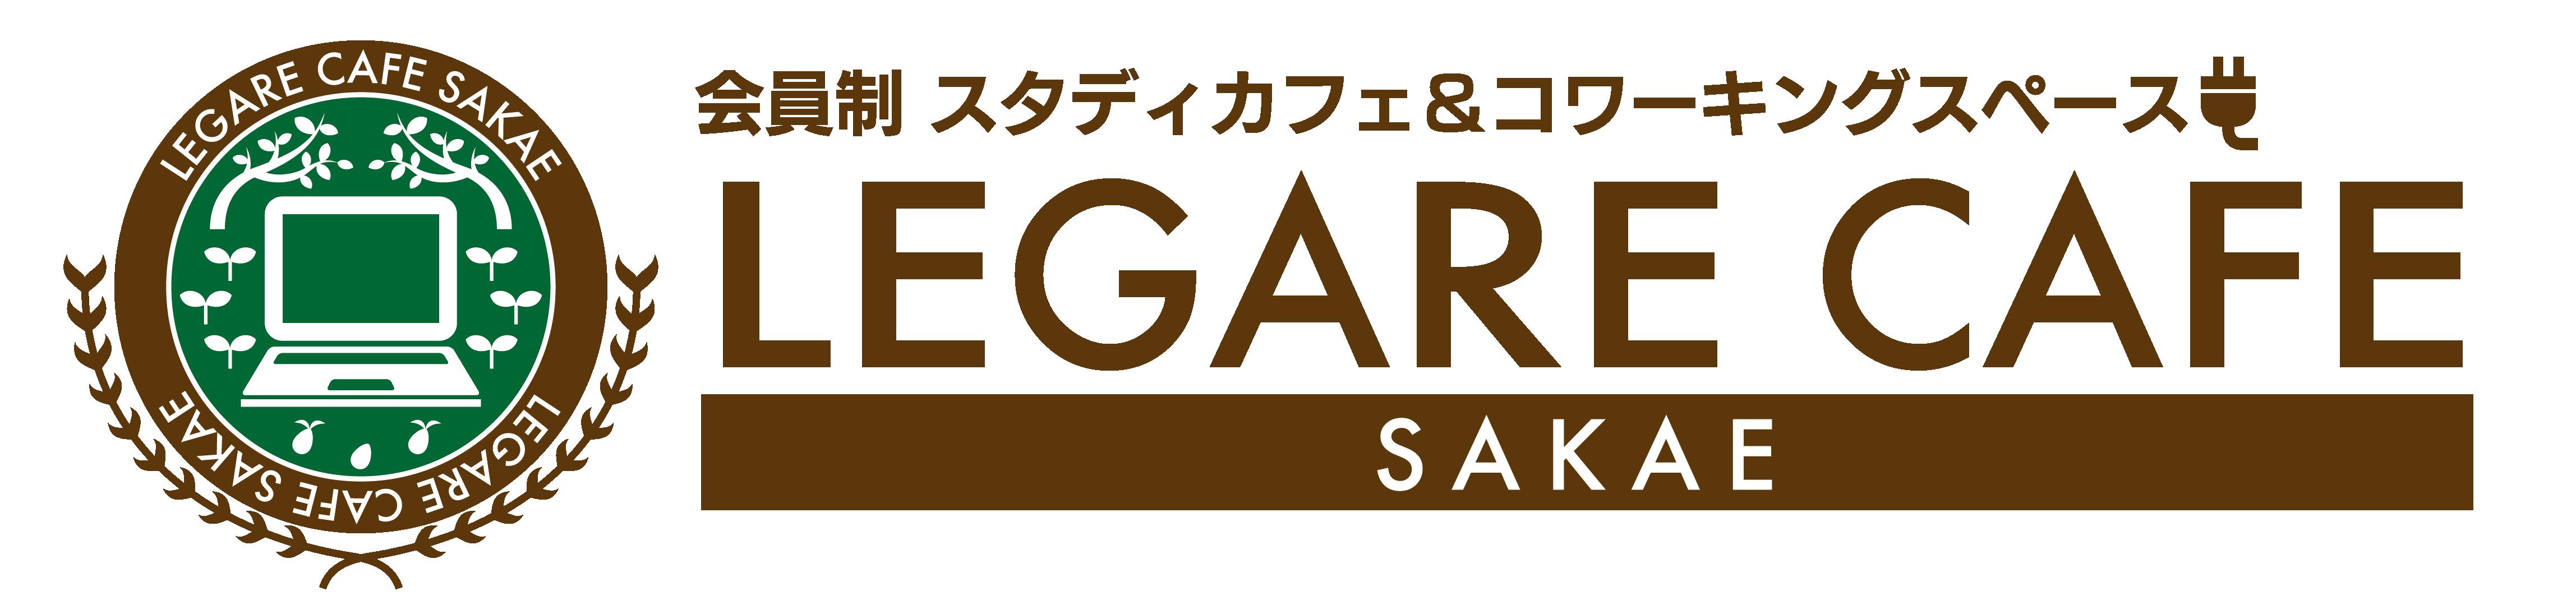 名古屋栄格安ホームページHP制作